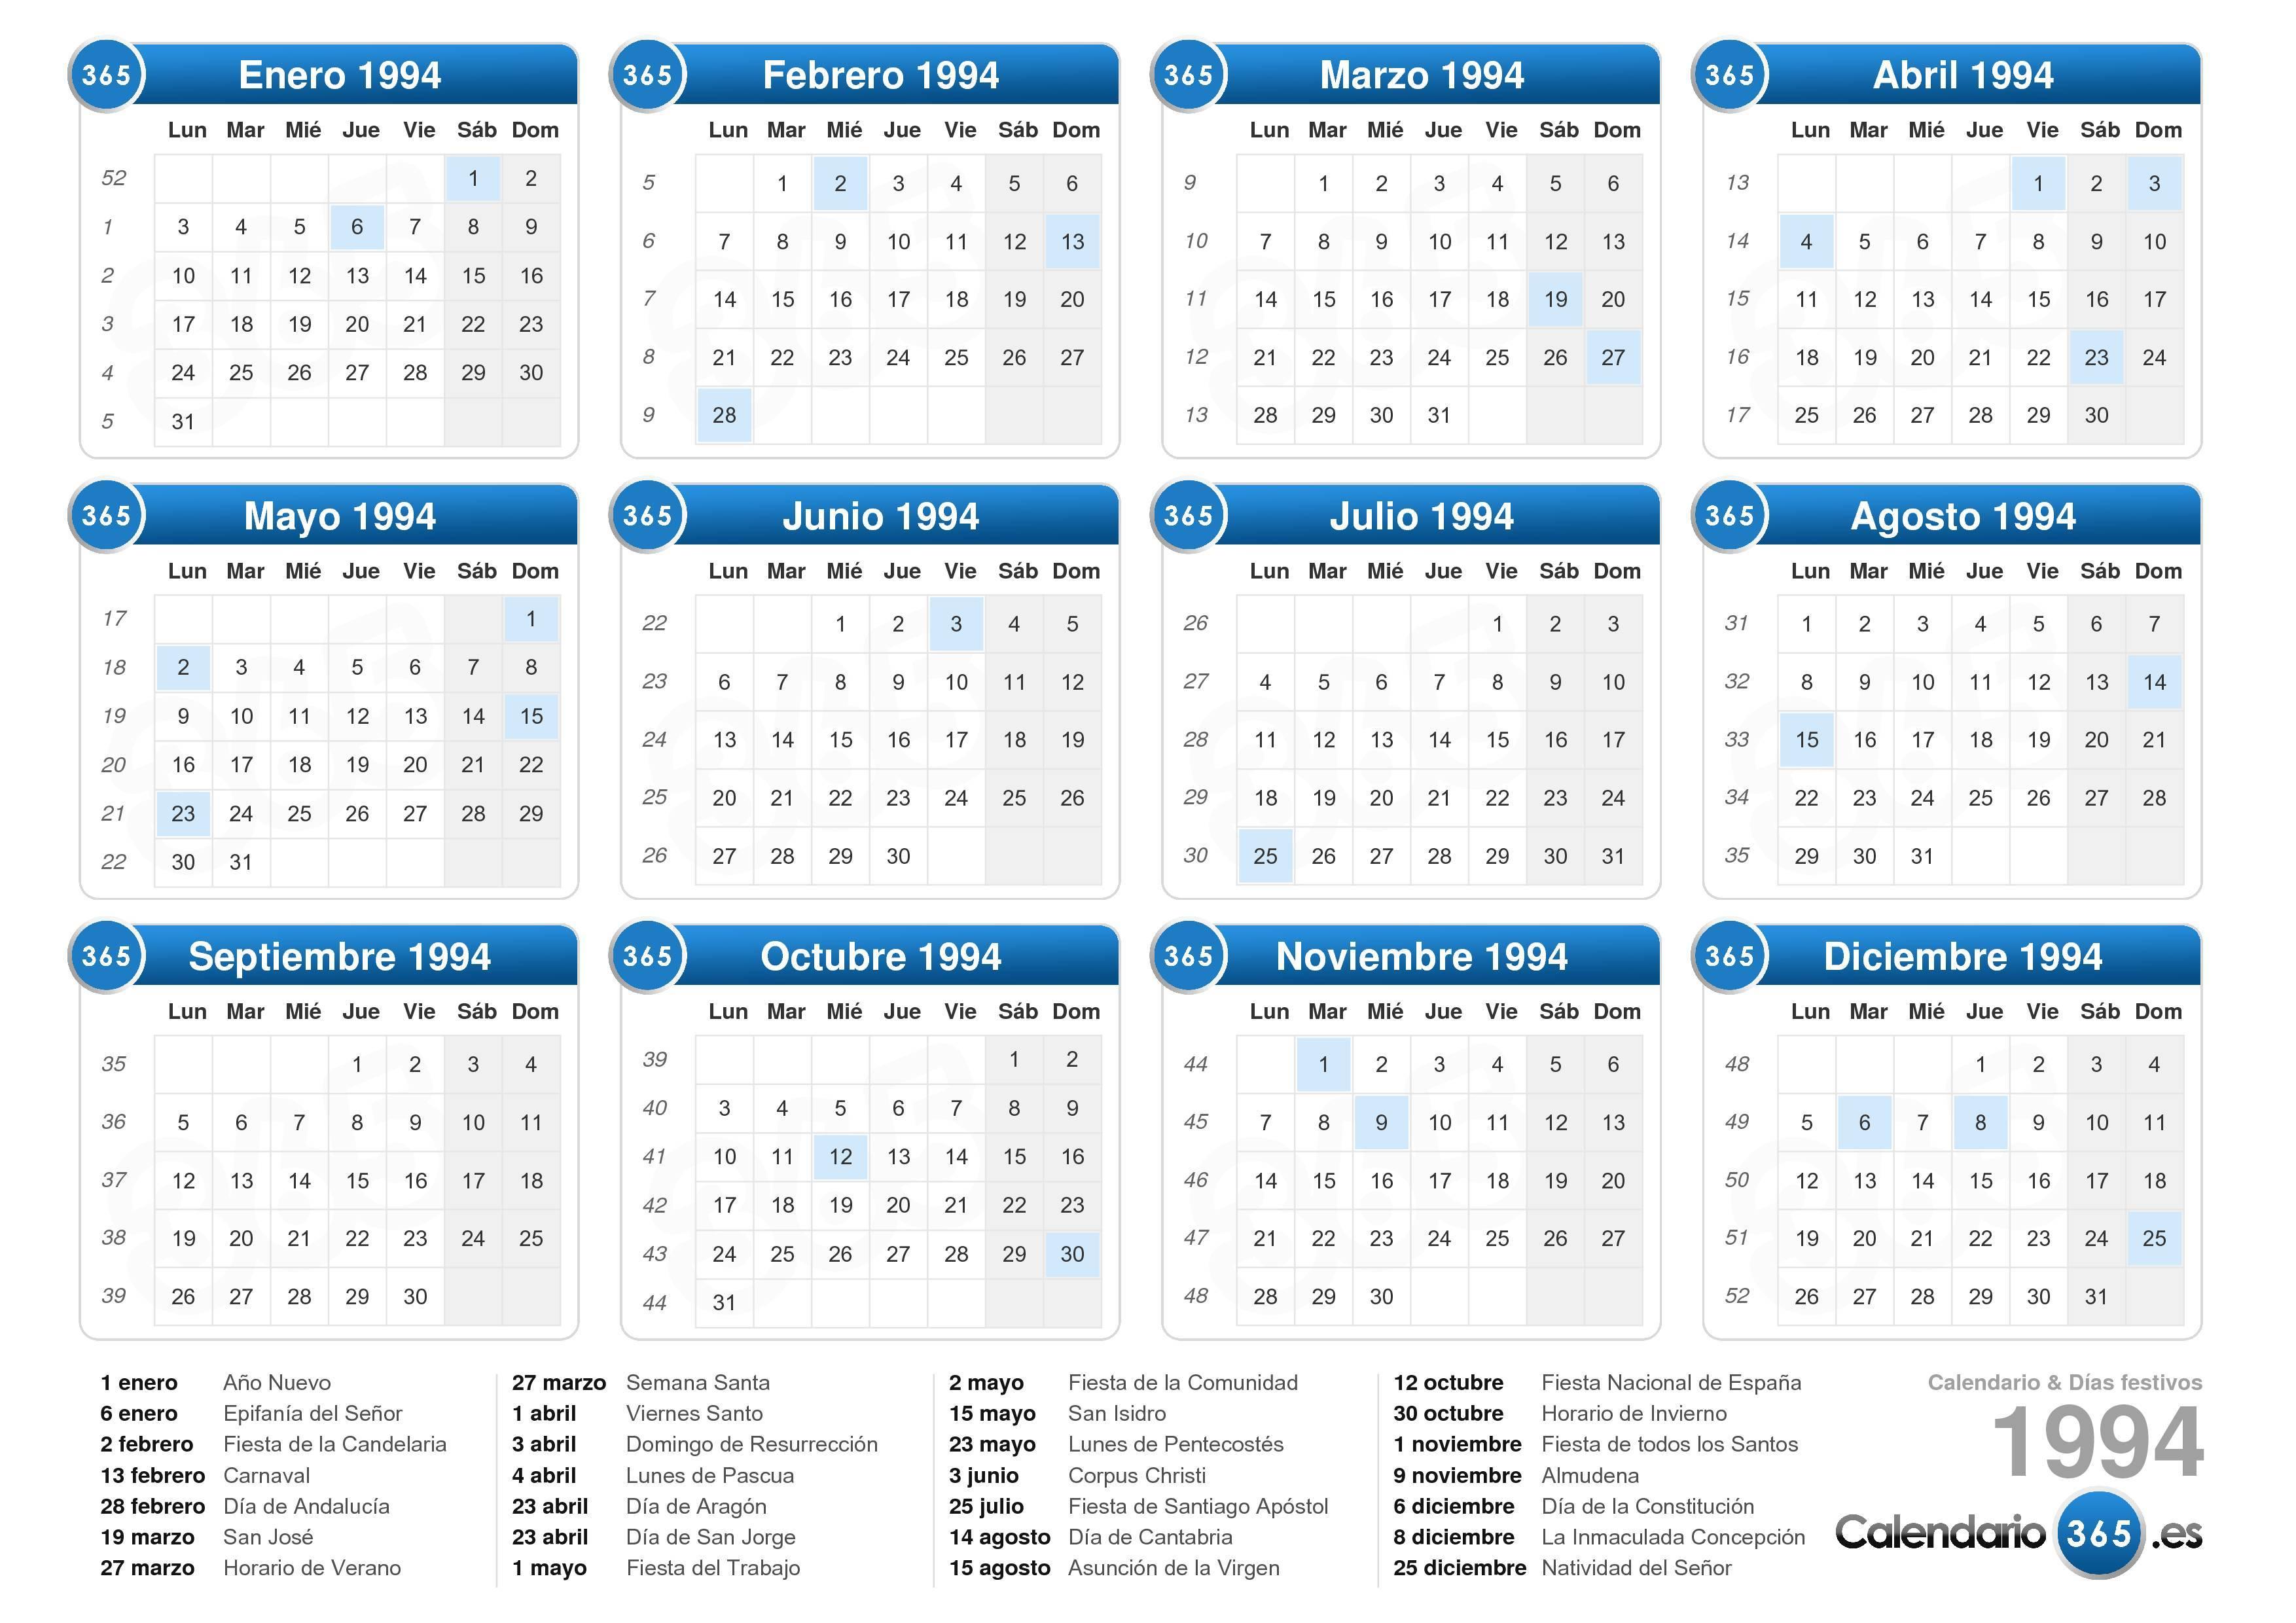 Calendario Santos.Calendario 1994